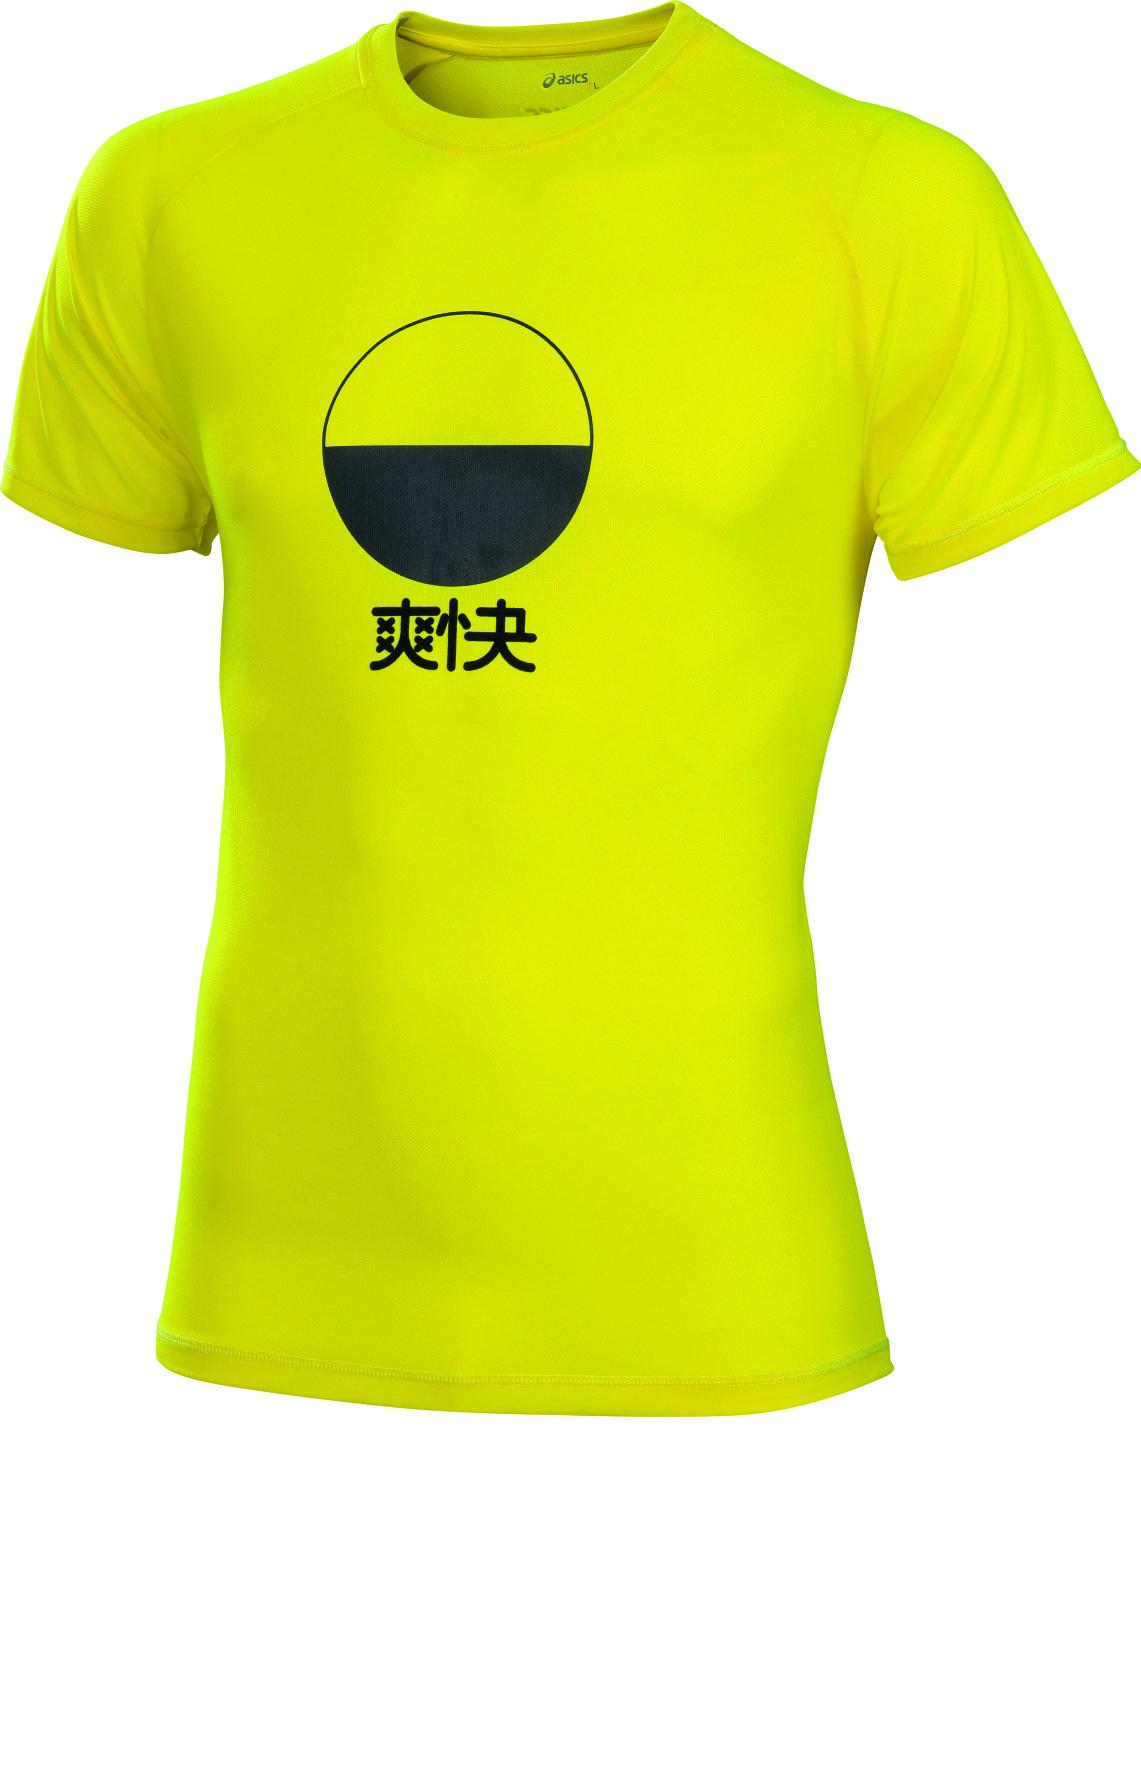 Asics Soukai Tee in Safety Yellow